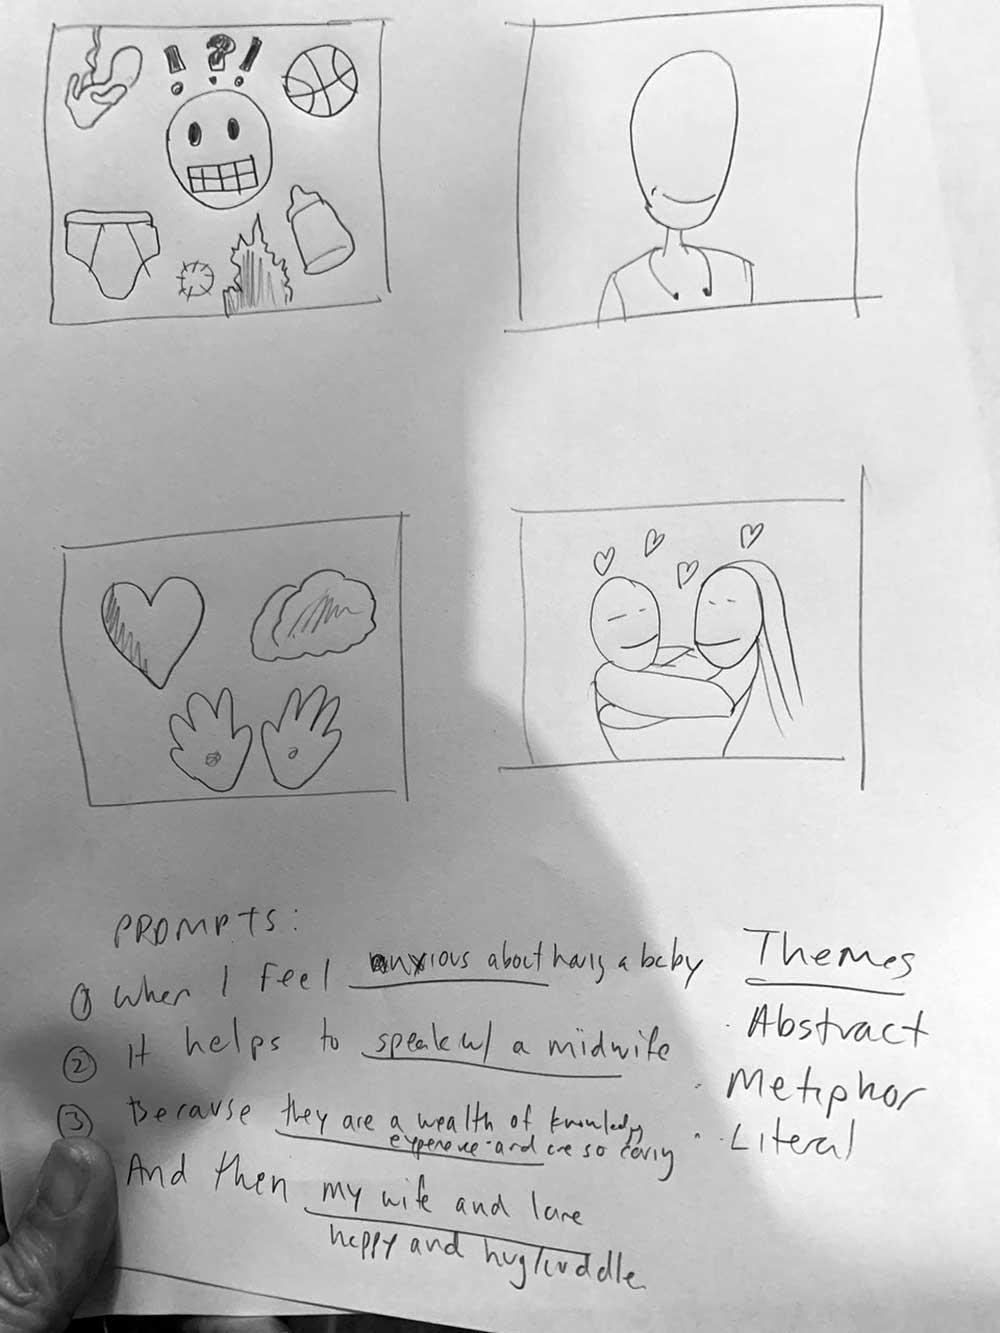 Participant's comic two